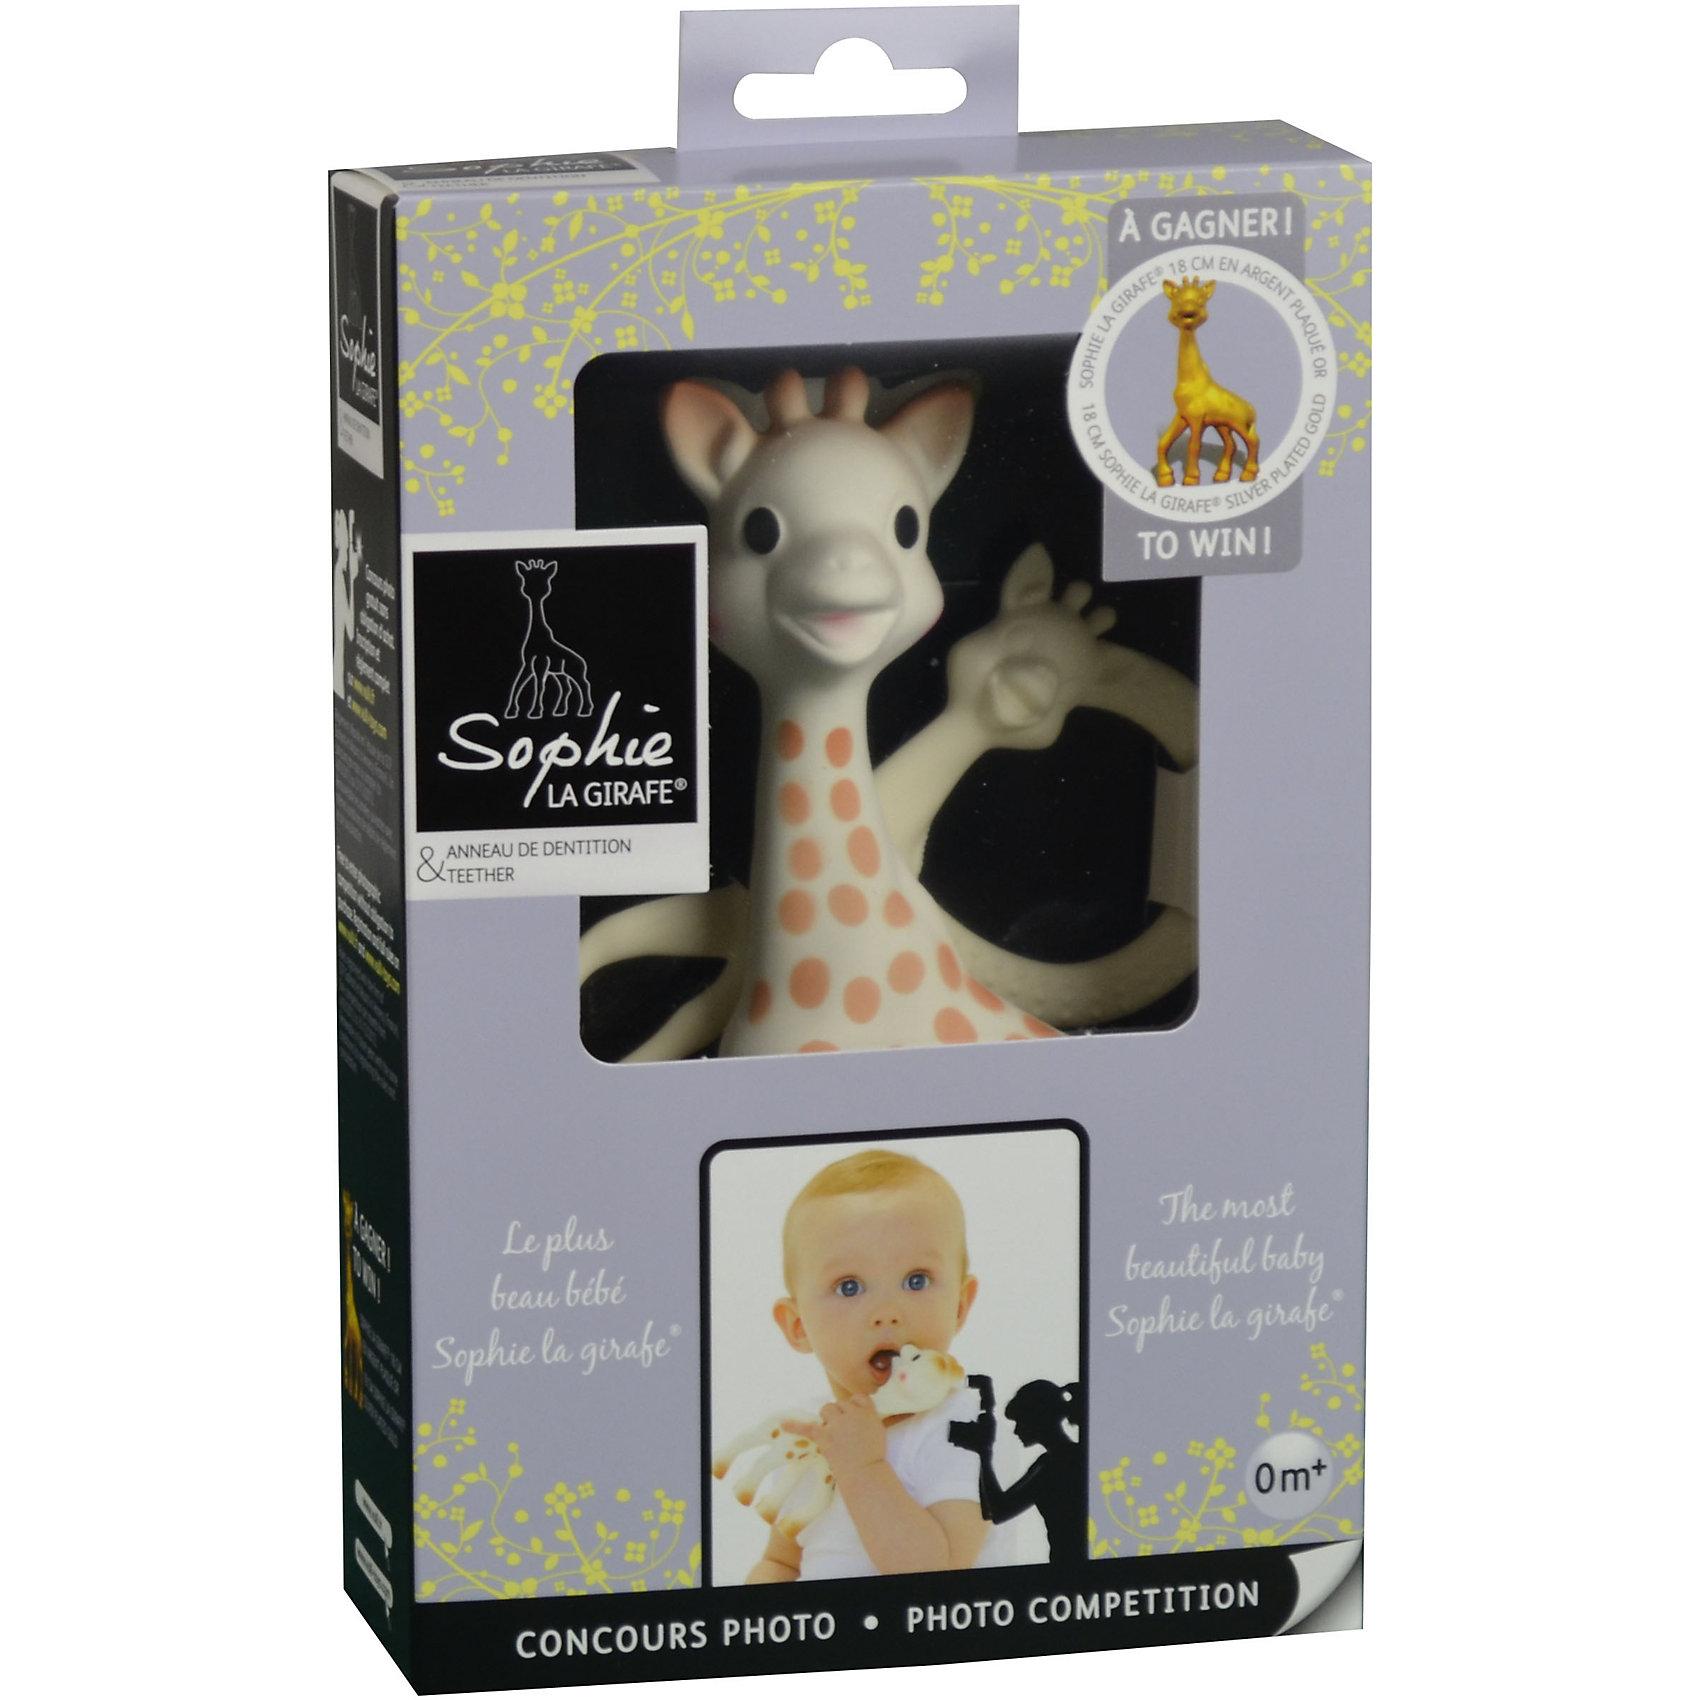 Жирафик Софи, VulliБольше радости от Жирафика Софи для малыша. Специальная серия, выпущенная в поддержку мирового фотоконкурса «Самый красивый малыш». Условия фотоконкурса размещены на упаковке и сайте: http://www3.jeuconcours.fr/leplusbeaubebesophielagirafe/   В набор входит Жирафик Софи и прорезыватель необычной формы. Жирафик Софи – уникальная развивающая игрушка-прорезыватель, стимулирует 5 органов чувств ребенка. Более 50 лет назад Жирафик Софи была создана во французской провинции Румилли Седекс, где  производится до сих пор вручную. По развивающим характеристикам игрушка не имеет аналогов. Жирафик Софи стала другом более чем 50 миллионам малышей по всему миру! Игрушка развивает осязание, зрение, слух, моторику и обоняние. Благодаря этому все пять чувств вашего ребенка будут развиваться гармонично и вовремя, что позволит малышу в более позднем возрасте легче запоминать информацию, быть более координированным и ловким, грамотнее выражать свои мысли, научится принимать решения. Необычная форма прорезывателя привлекает внимание ребенка и забавляет его продолжительное время. Ребенок может держать прорезыватель двумя или одной рукой за кольца.  Форма и размеры ручек прорезывателя идеально подойдут для маленьких ладошек младенца. Каучуковый прорезыватель очень удобно брать с собой во время прогулок или путешествий. Прорезыватель имеет части различной формы и текстуры, которые помогут малышу снять зуд с десен в период прорезывания зубов. Уменьшенная фигурка Жирафика Софи будет напоминать малышу о любимой игрушке.  Возраст: 0 мес+.<br><br>Ширина мм: 215<br>Глубина мм: 55<br>Высота мм: 140<br>Вес г: 83<br>Возраст от месяцев: 0<br>Возраст до месяцев: 24<br>Пол: Унисекс<br>Возраст: Детский<br>SKU: 4440500